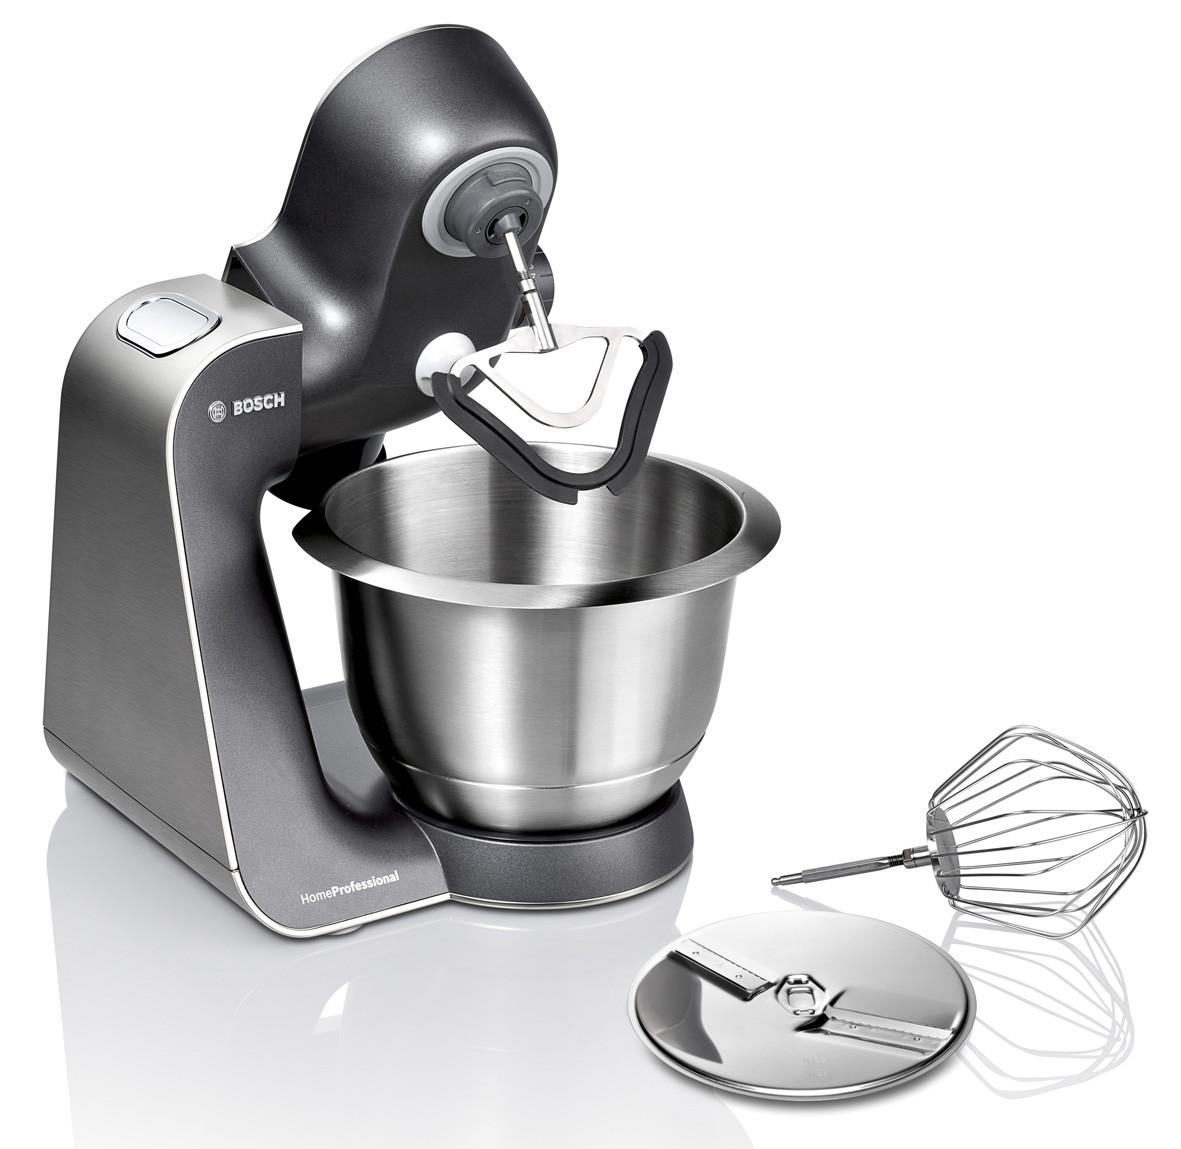 Küchenmaschine Bosch  Küchenmaschine Bosch MUM 5 HomeProfessional